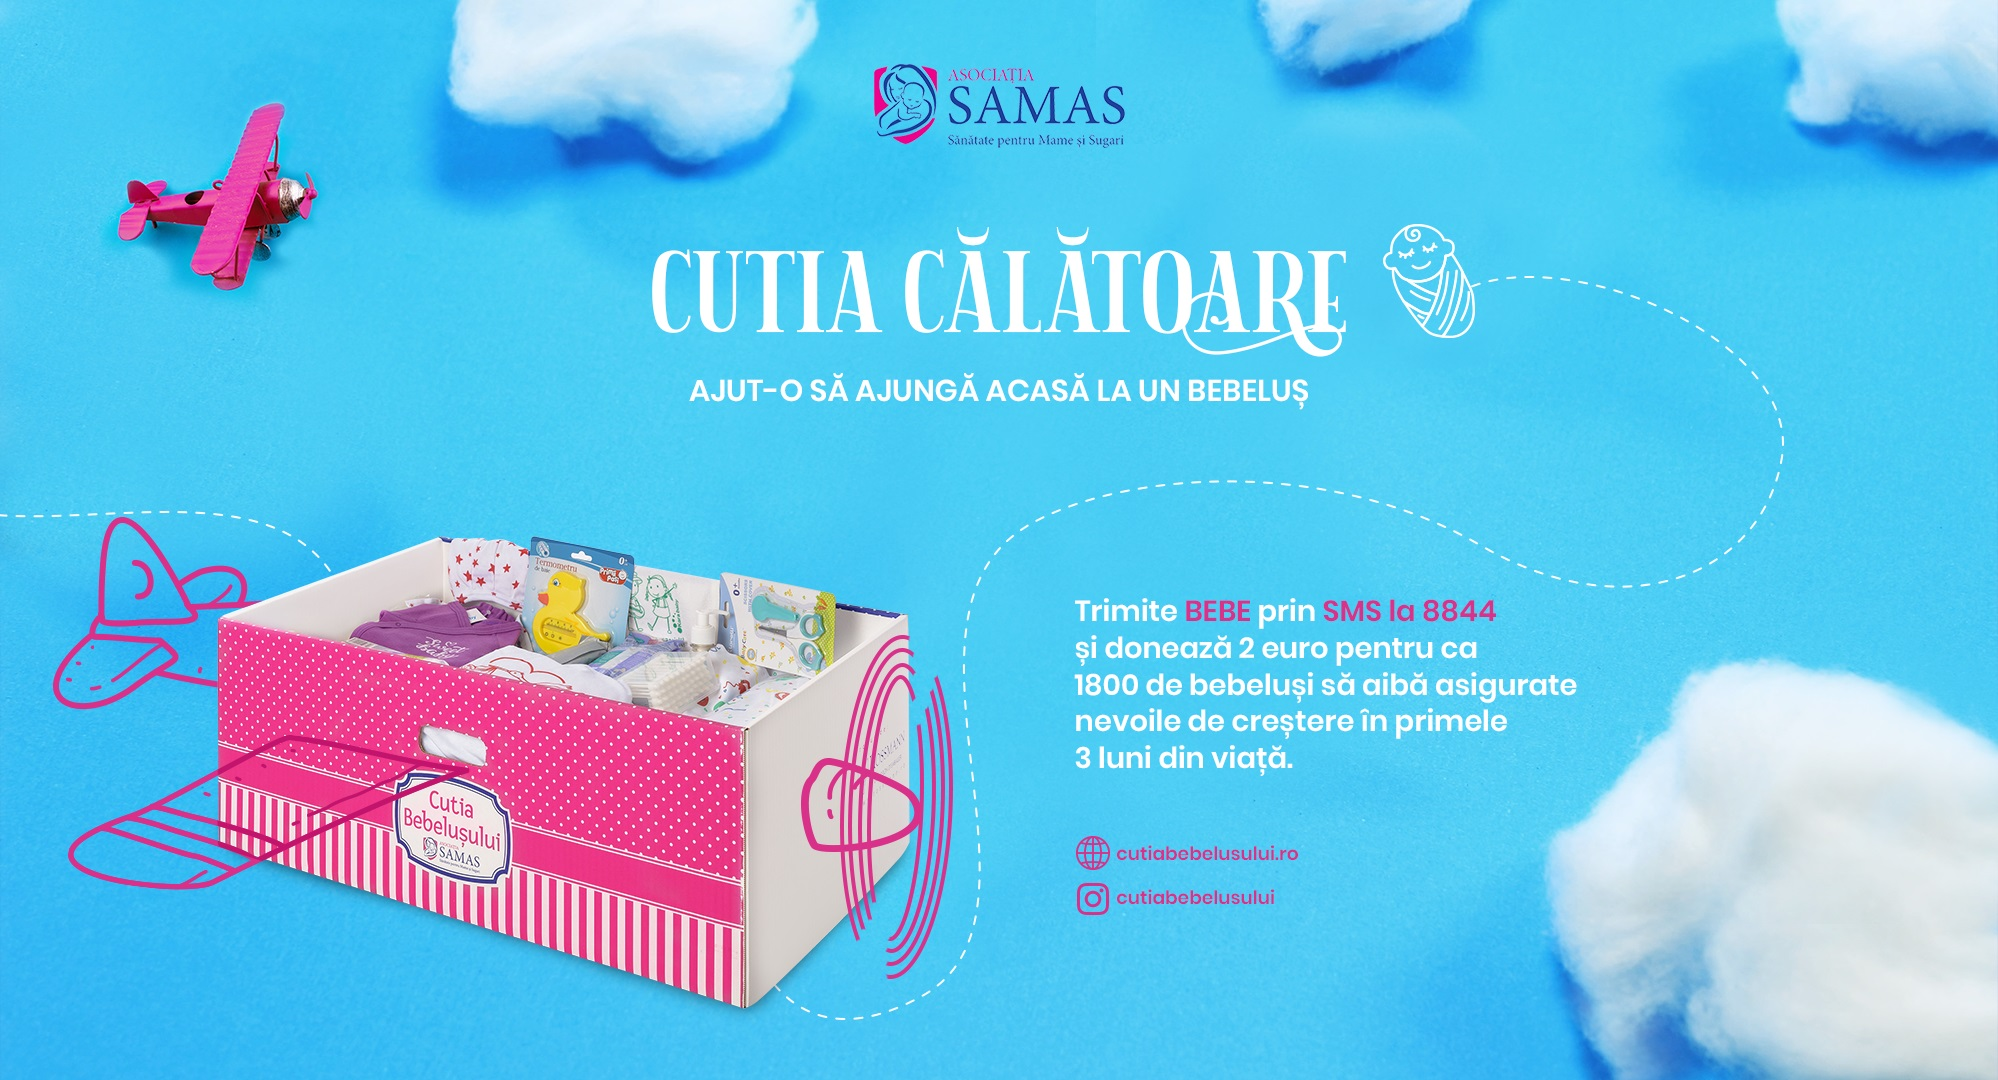 """Asociația SAMAS lansează """"Cutia Călătoare"""", o campanie de donații prin SMS pentru programul Cutia Bebelușului"""